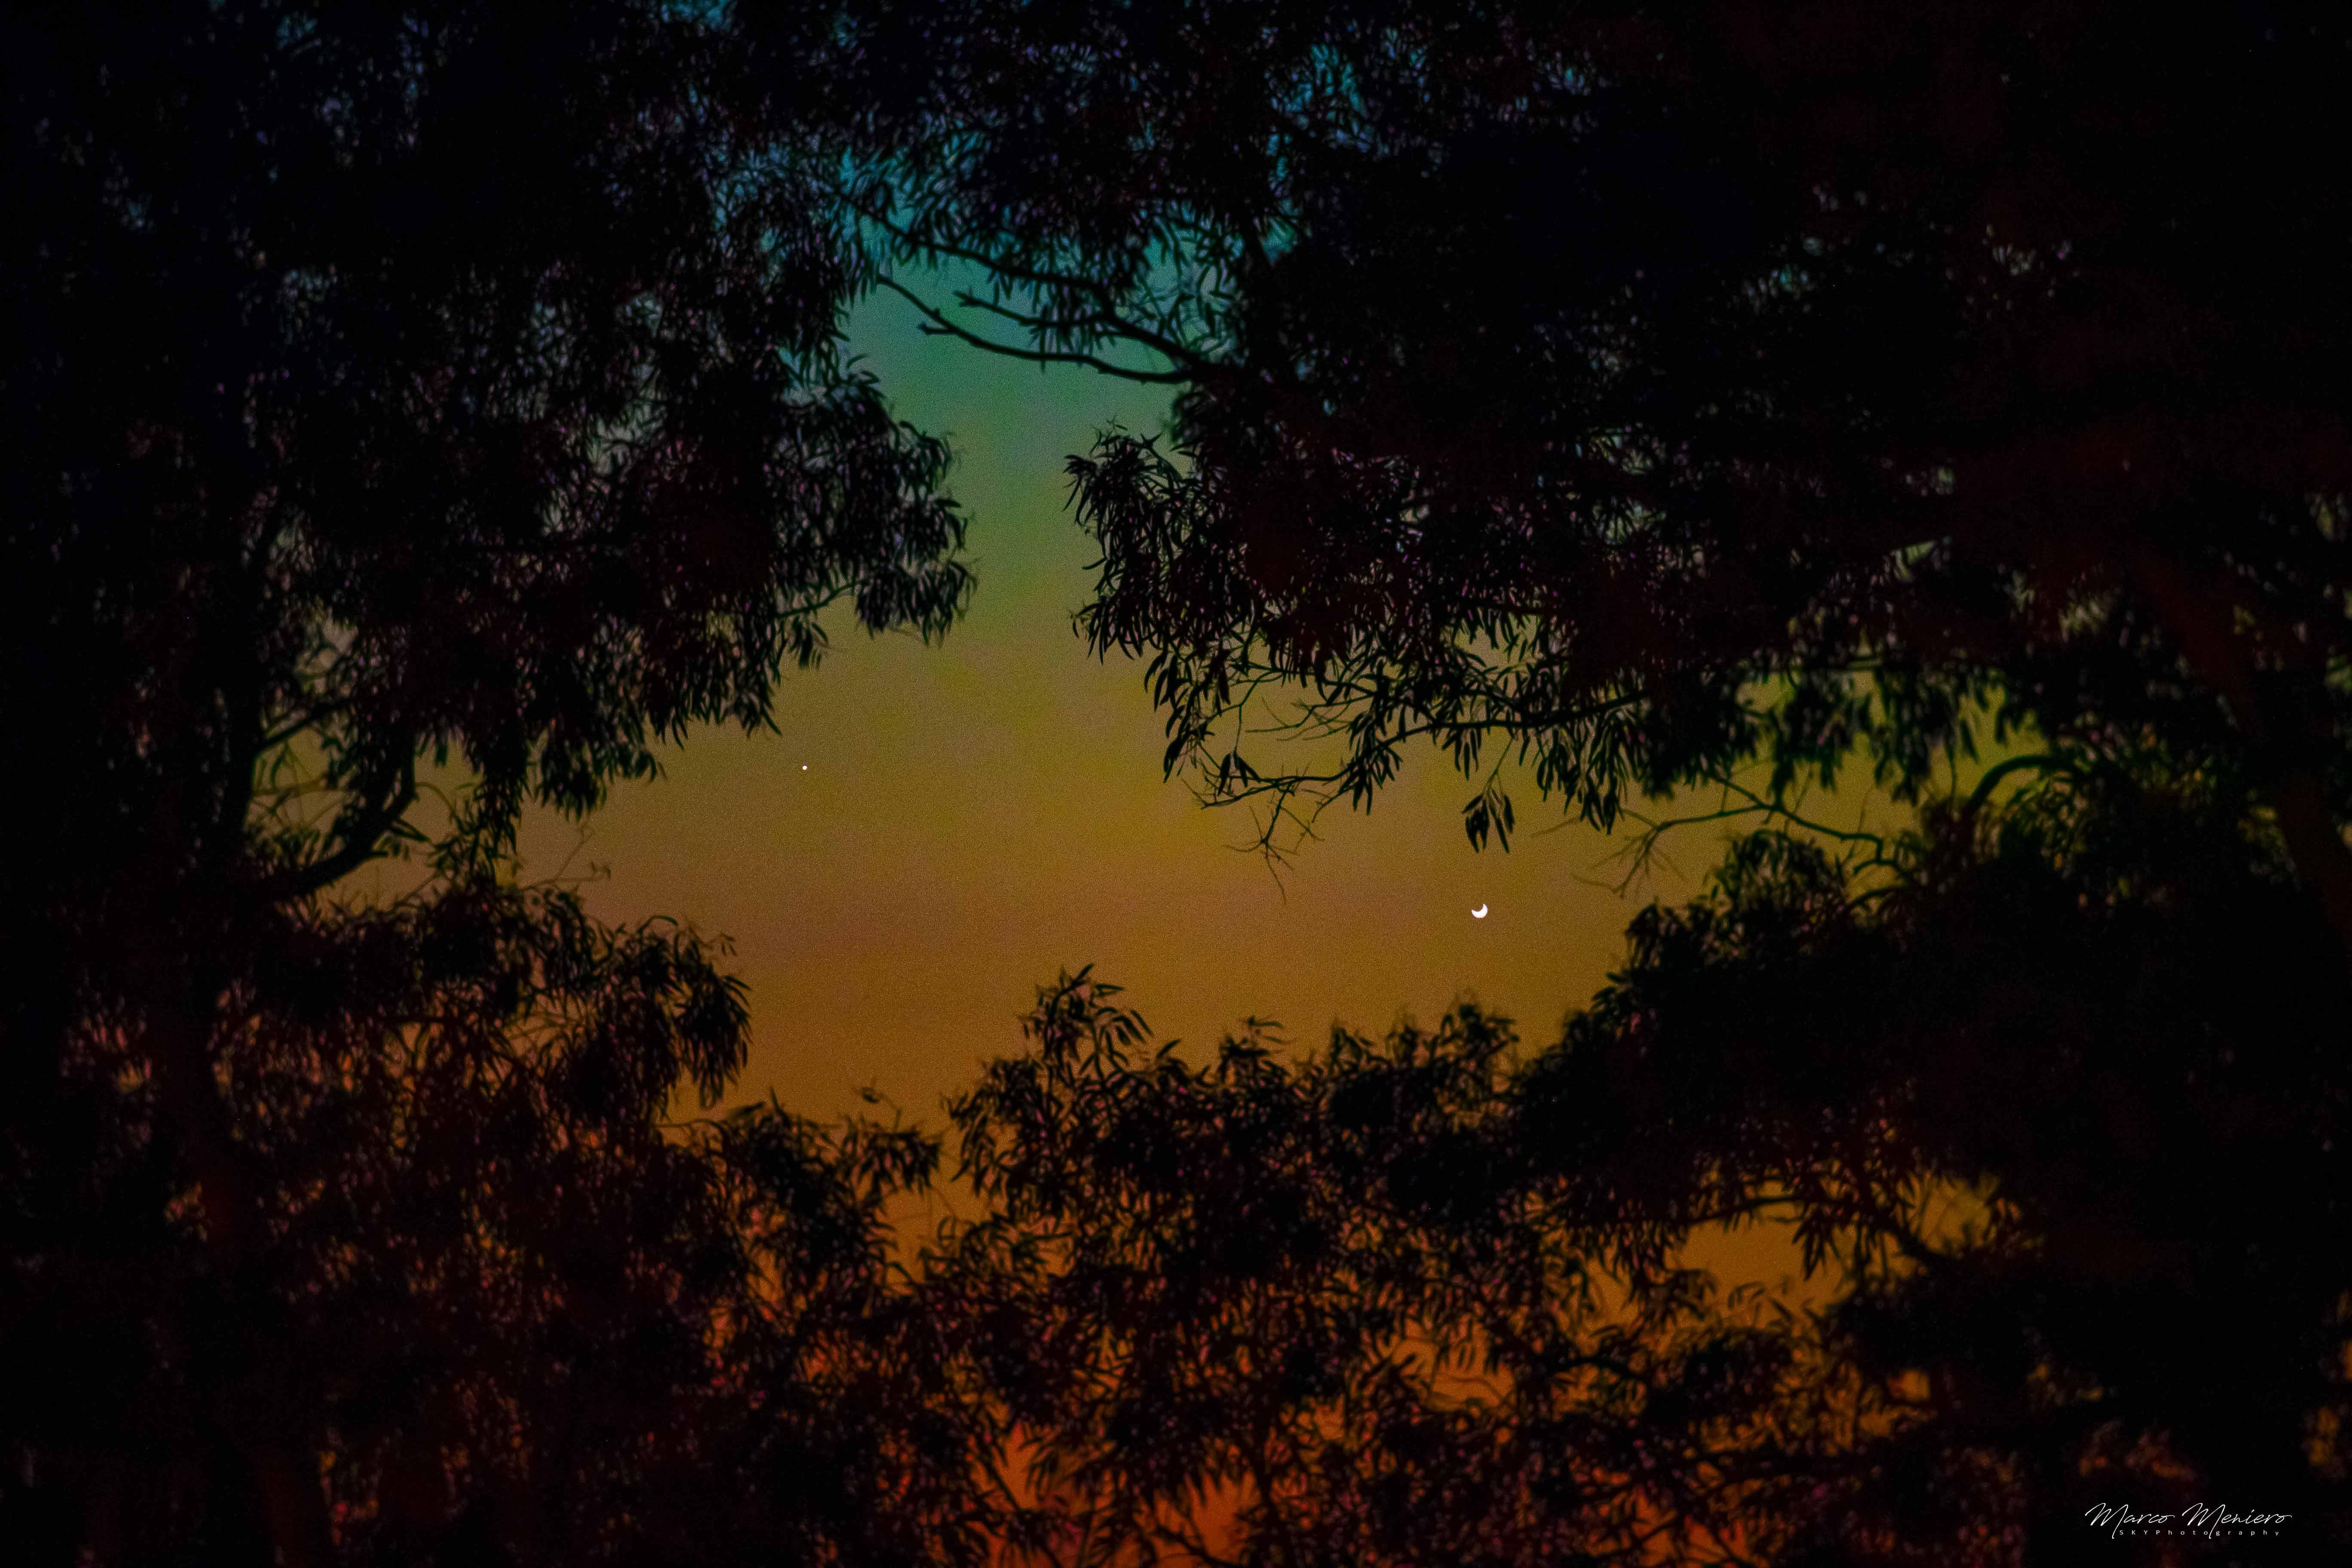 La NASA sceglie una foto scattata a Civitavecchia